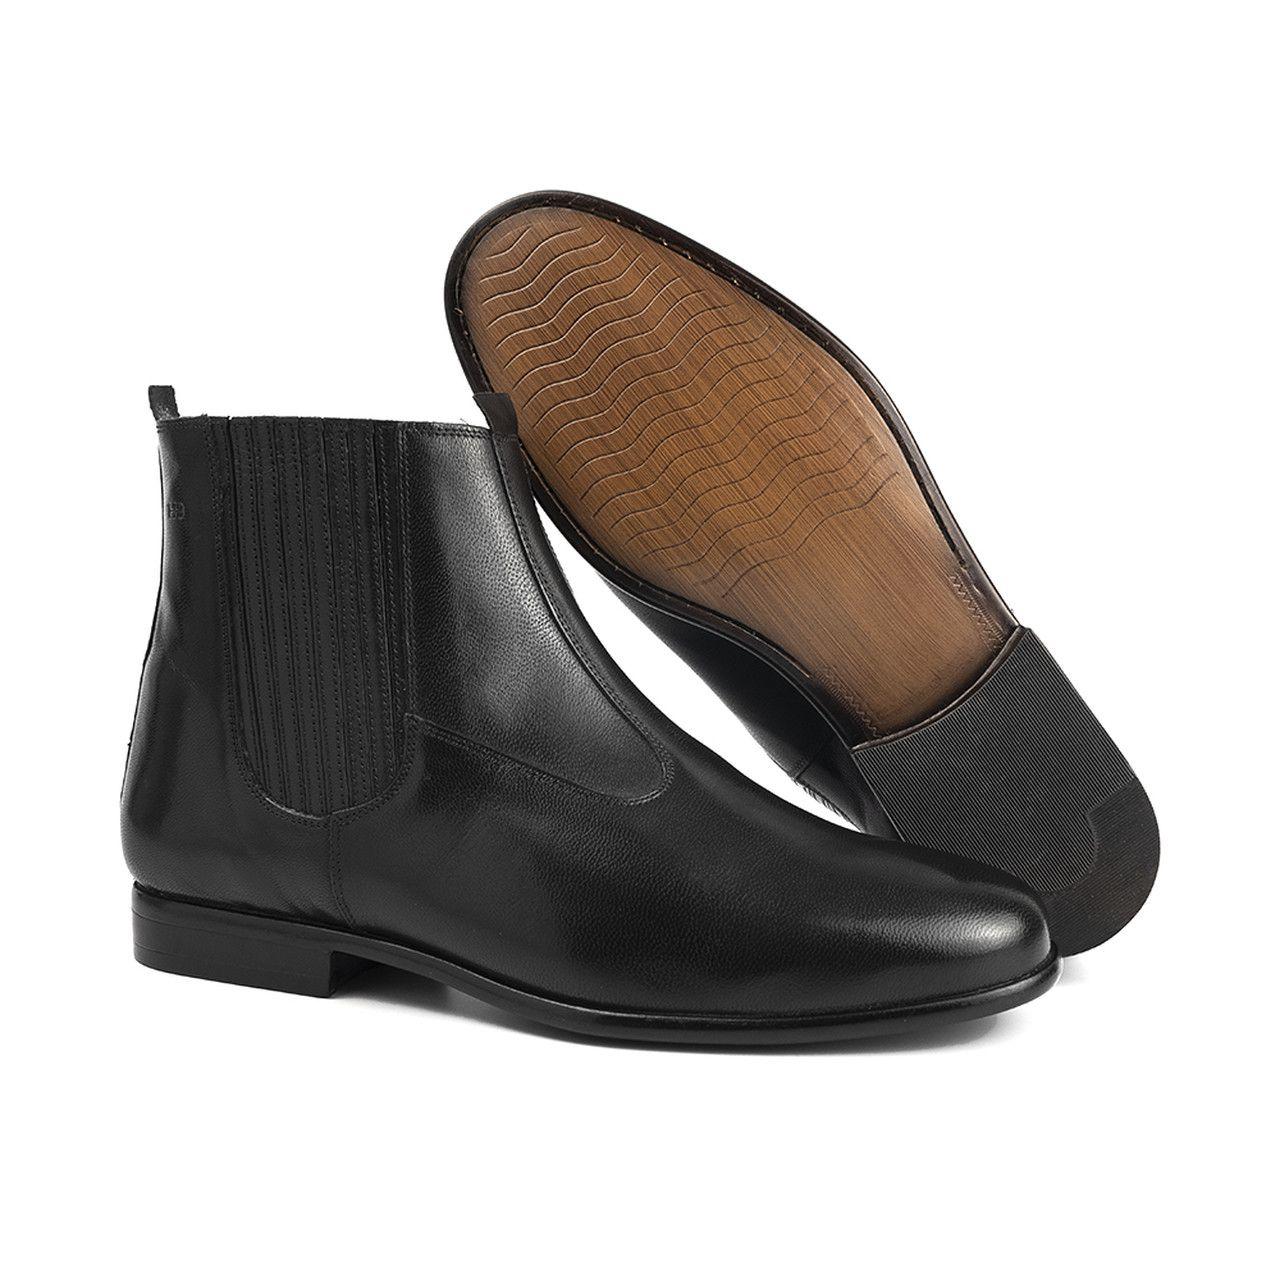 Bota Social Hb Agabe Boots - 400.000 - Pl Preto - Solado de Borracha